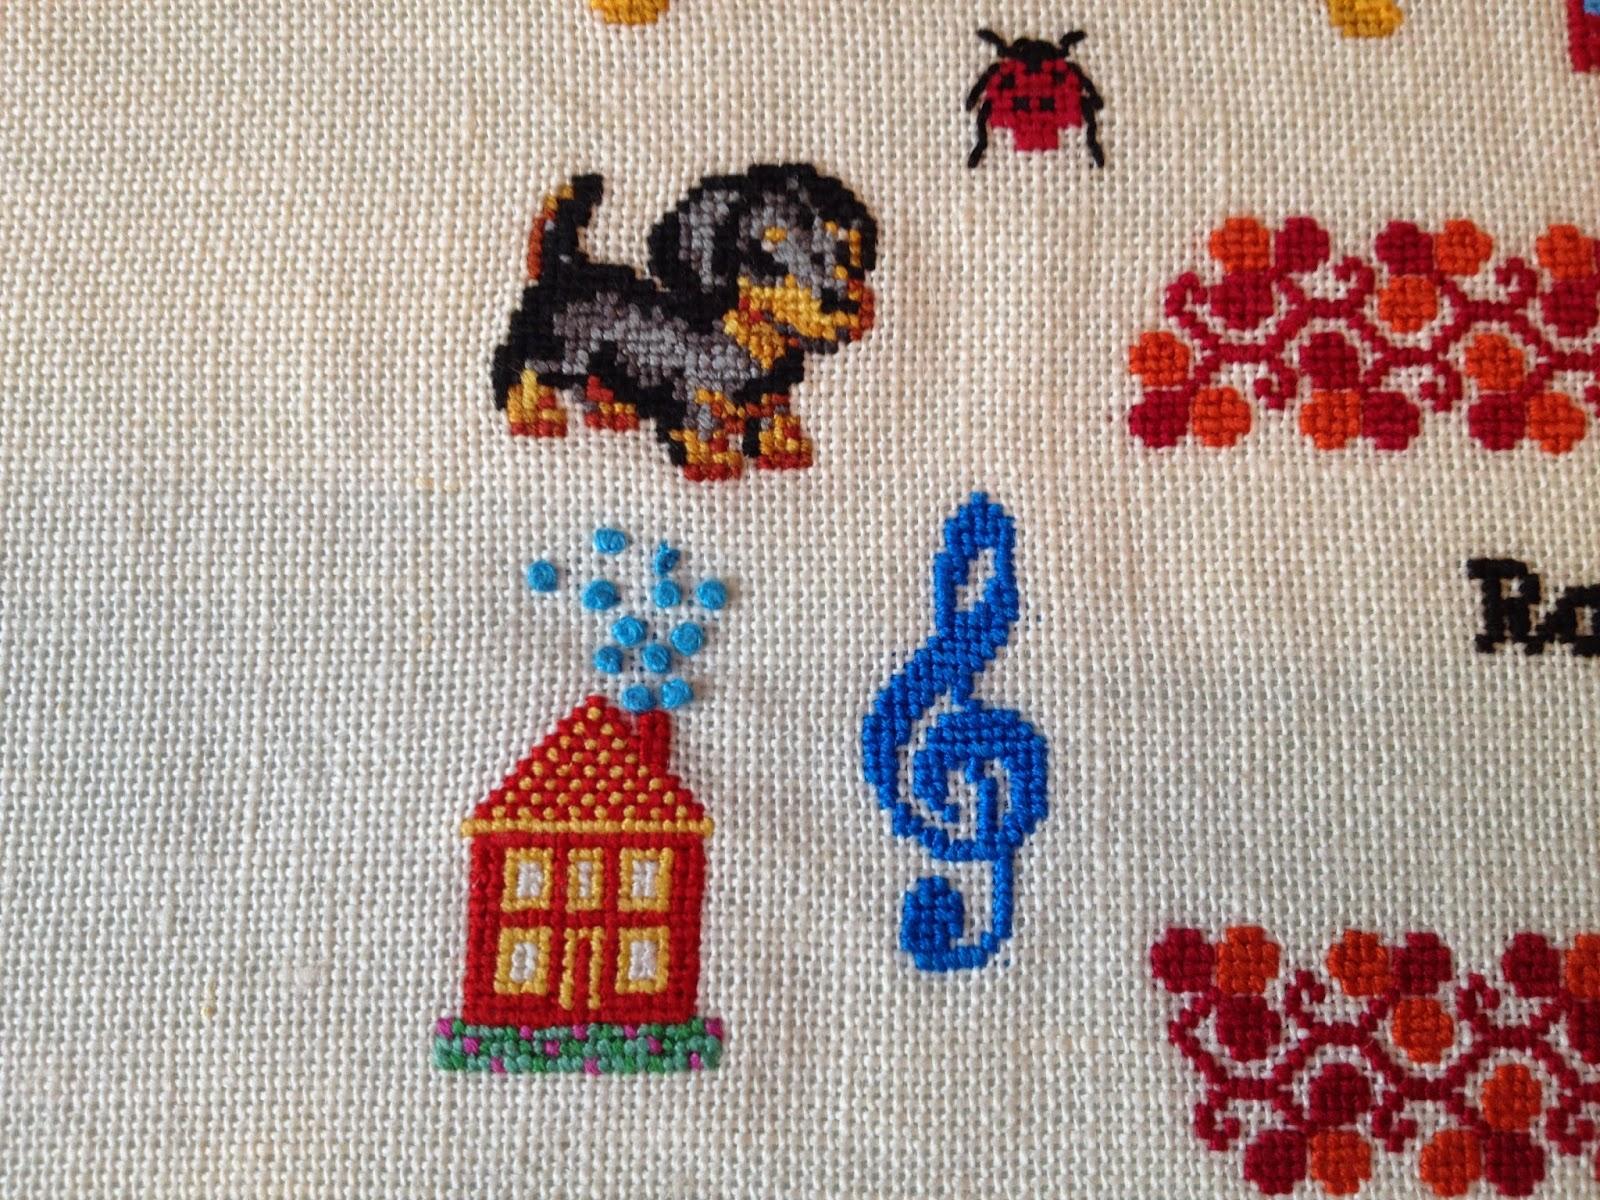 Hund, hus og G-nøgle. Navnebroderi i korssting. Navneklud. Fødselsbroderi.